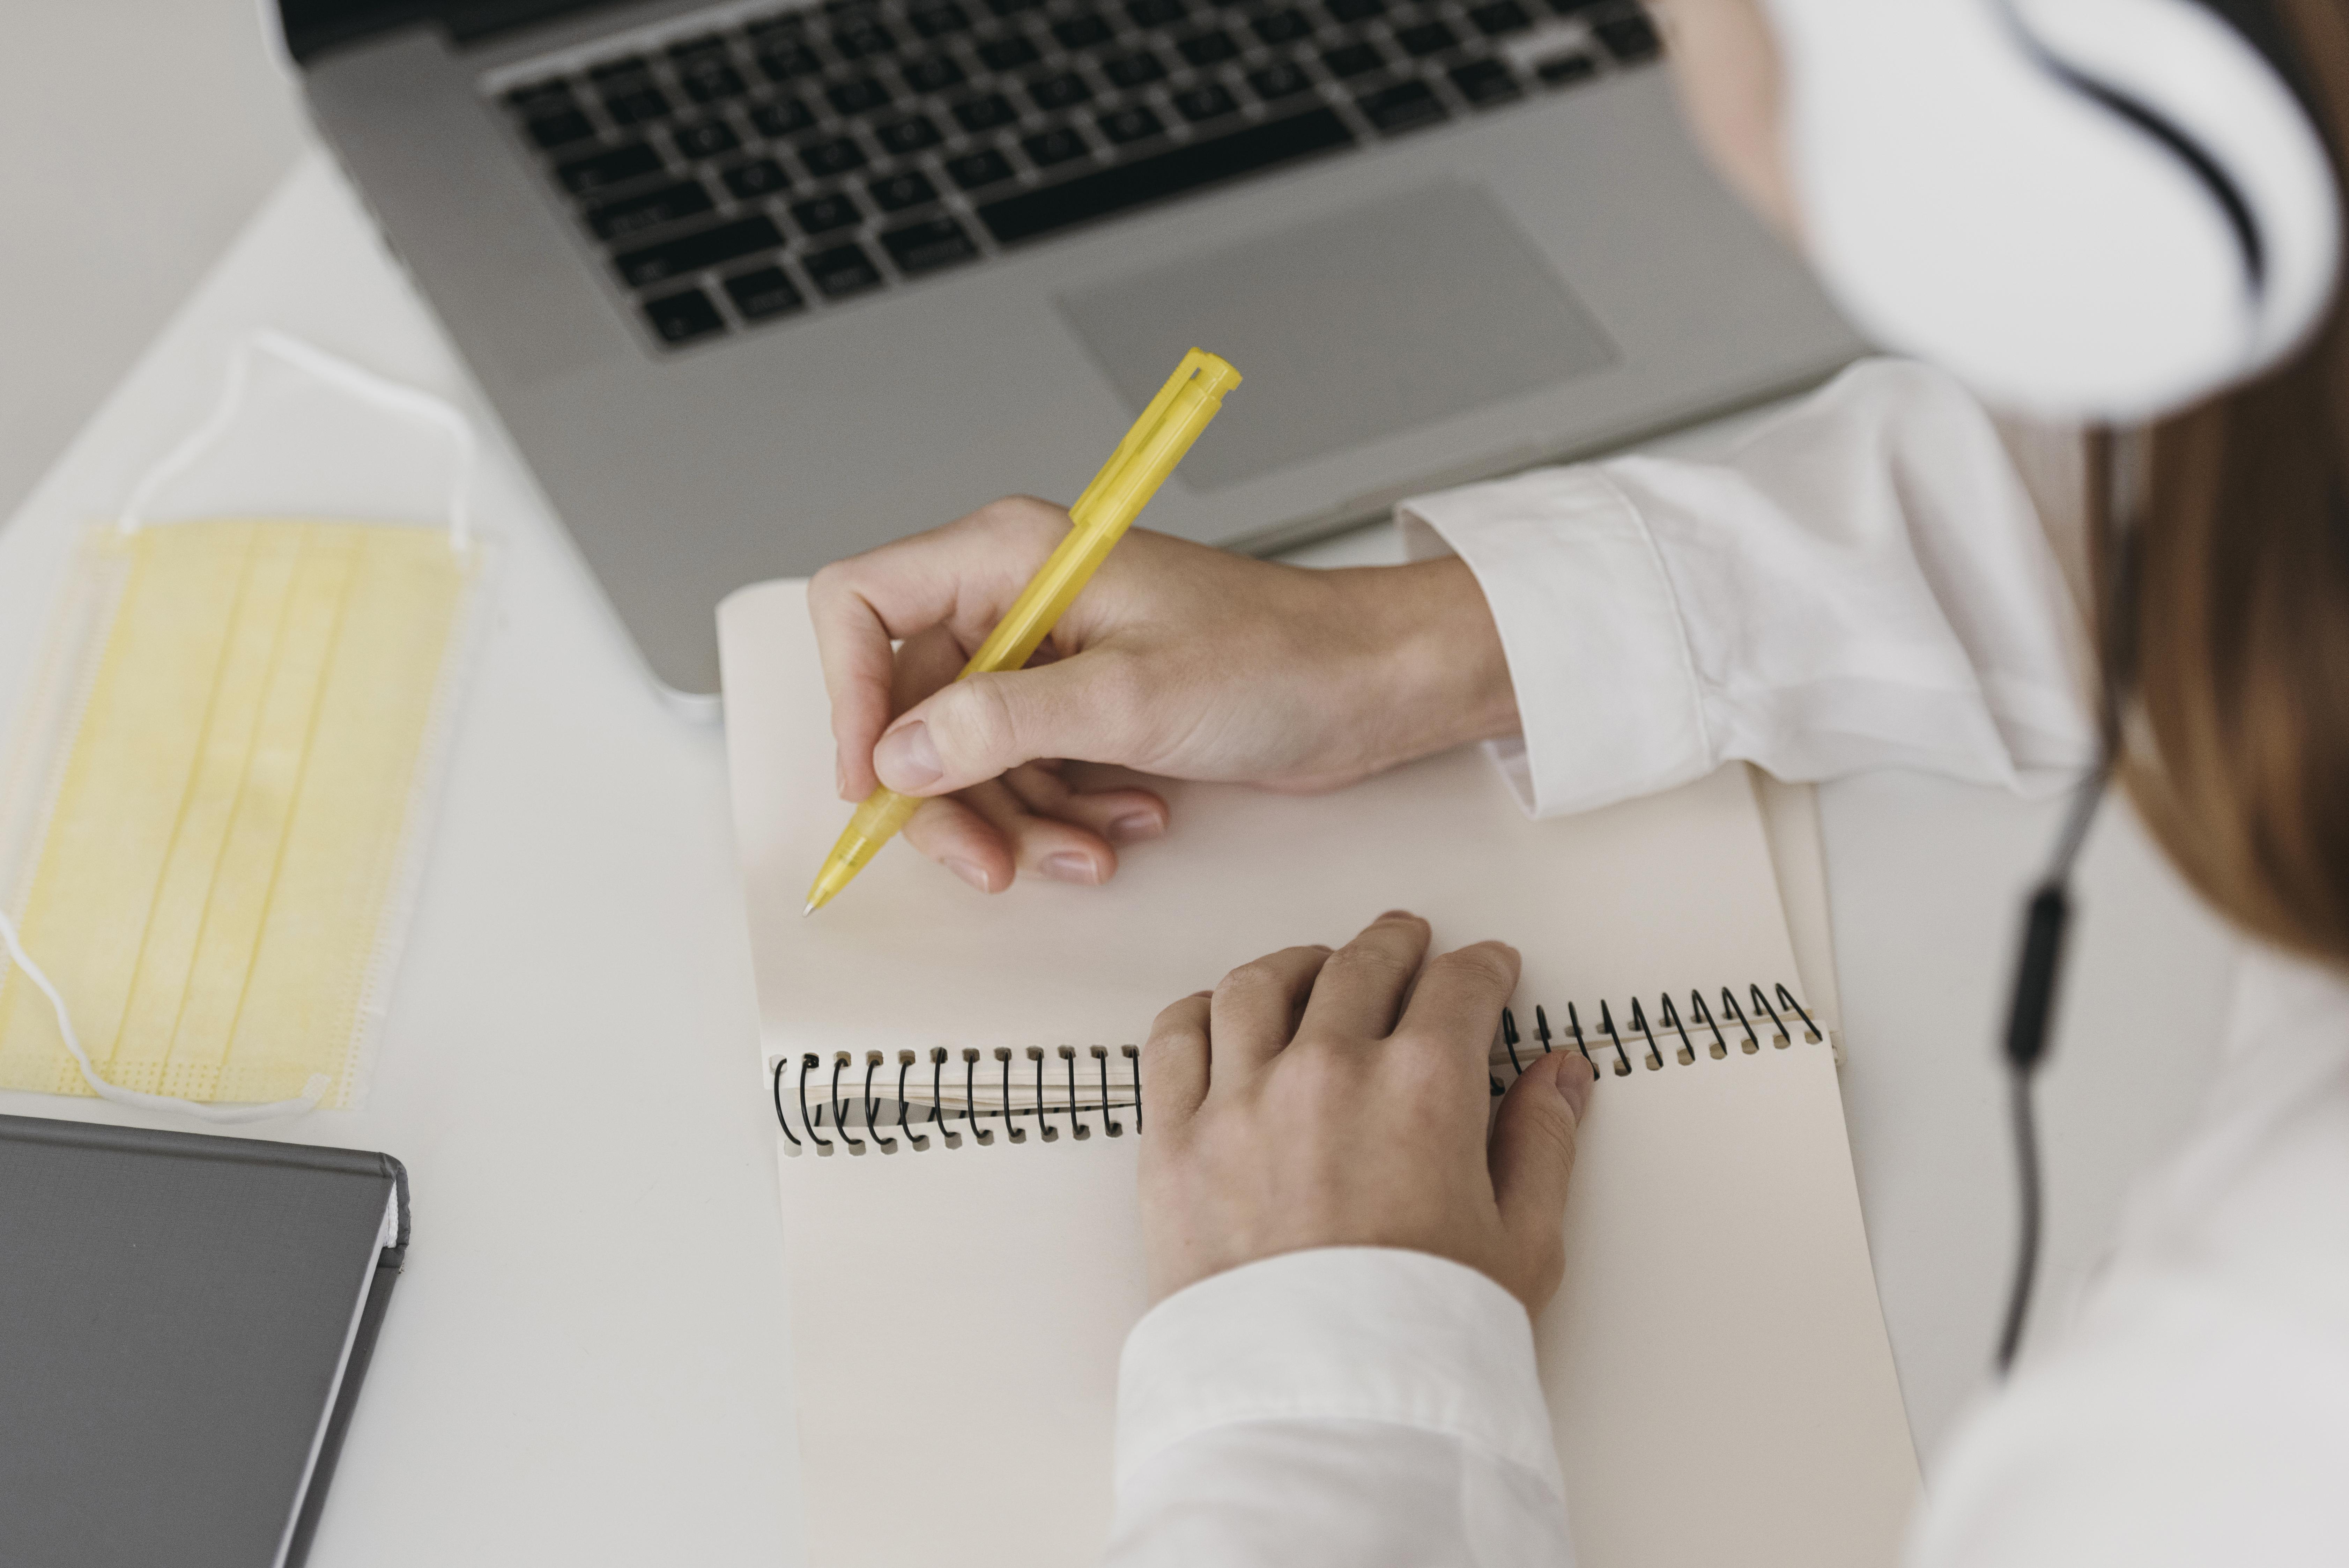 Abertas inscrições para projeto de orientação em empreendedorismo e inovação